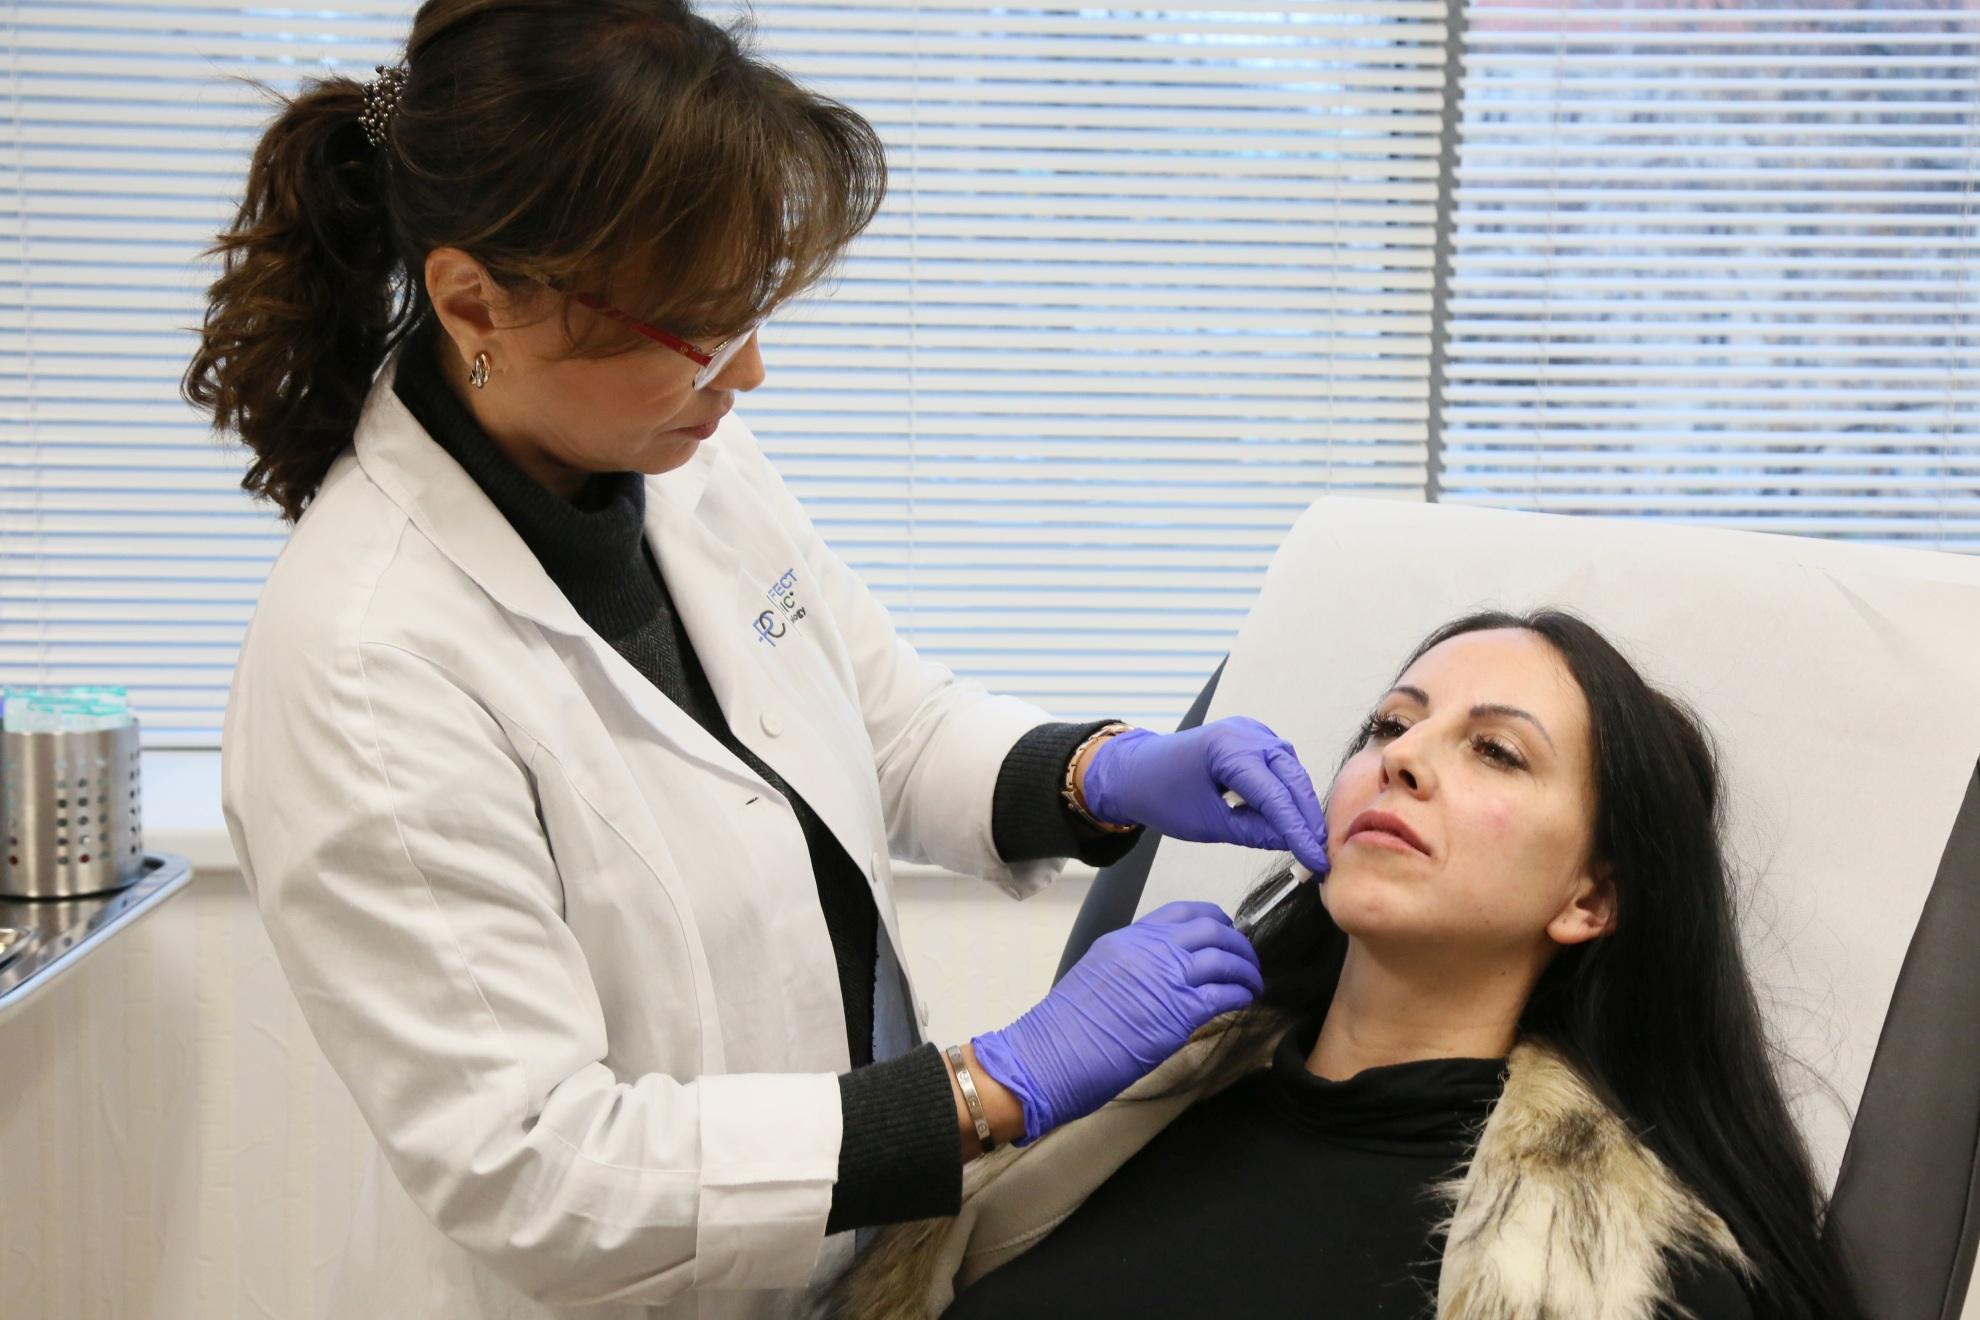 MUDr. Terzijská při aplikaci injekčních výplní na bázi kyseliny hyaluronové